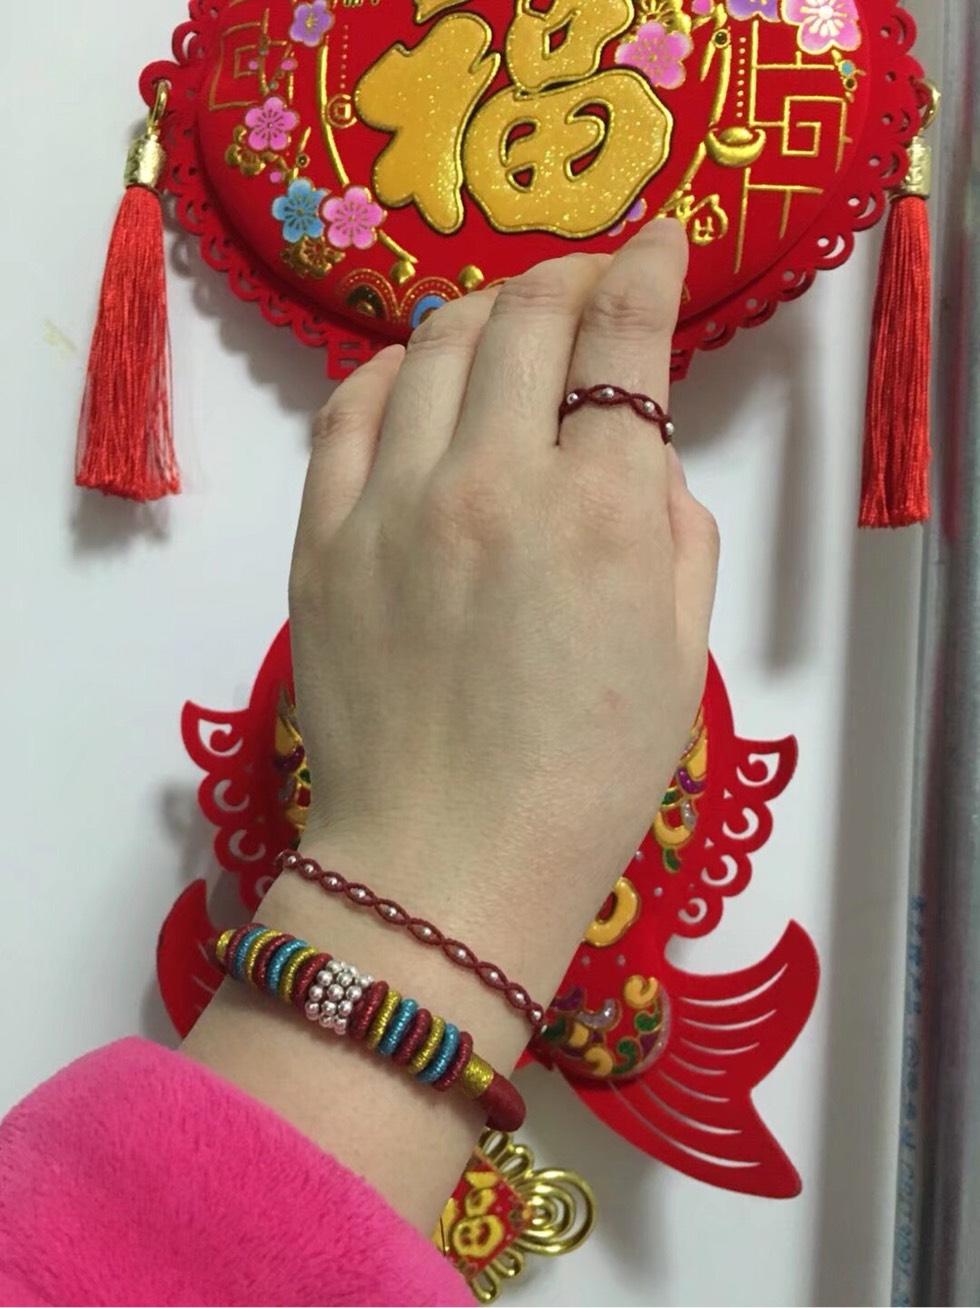 中国结论坛 手链 手链,手链男,女士手链图片,编织手链,上档次且不贵手链品牌 作品展示 200435yu9lzs7u7ylis6o3